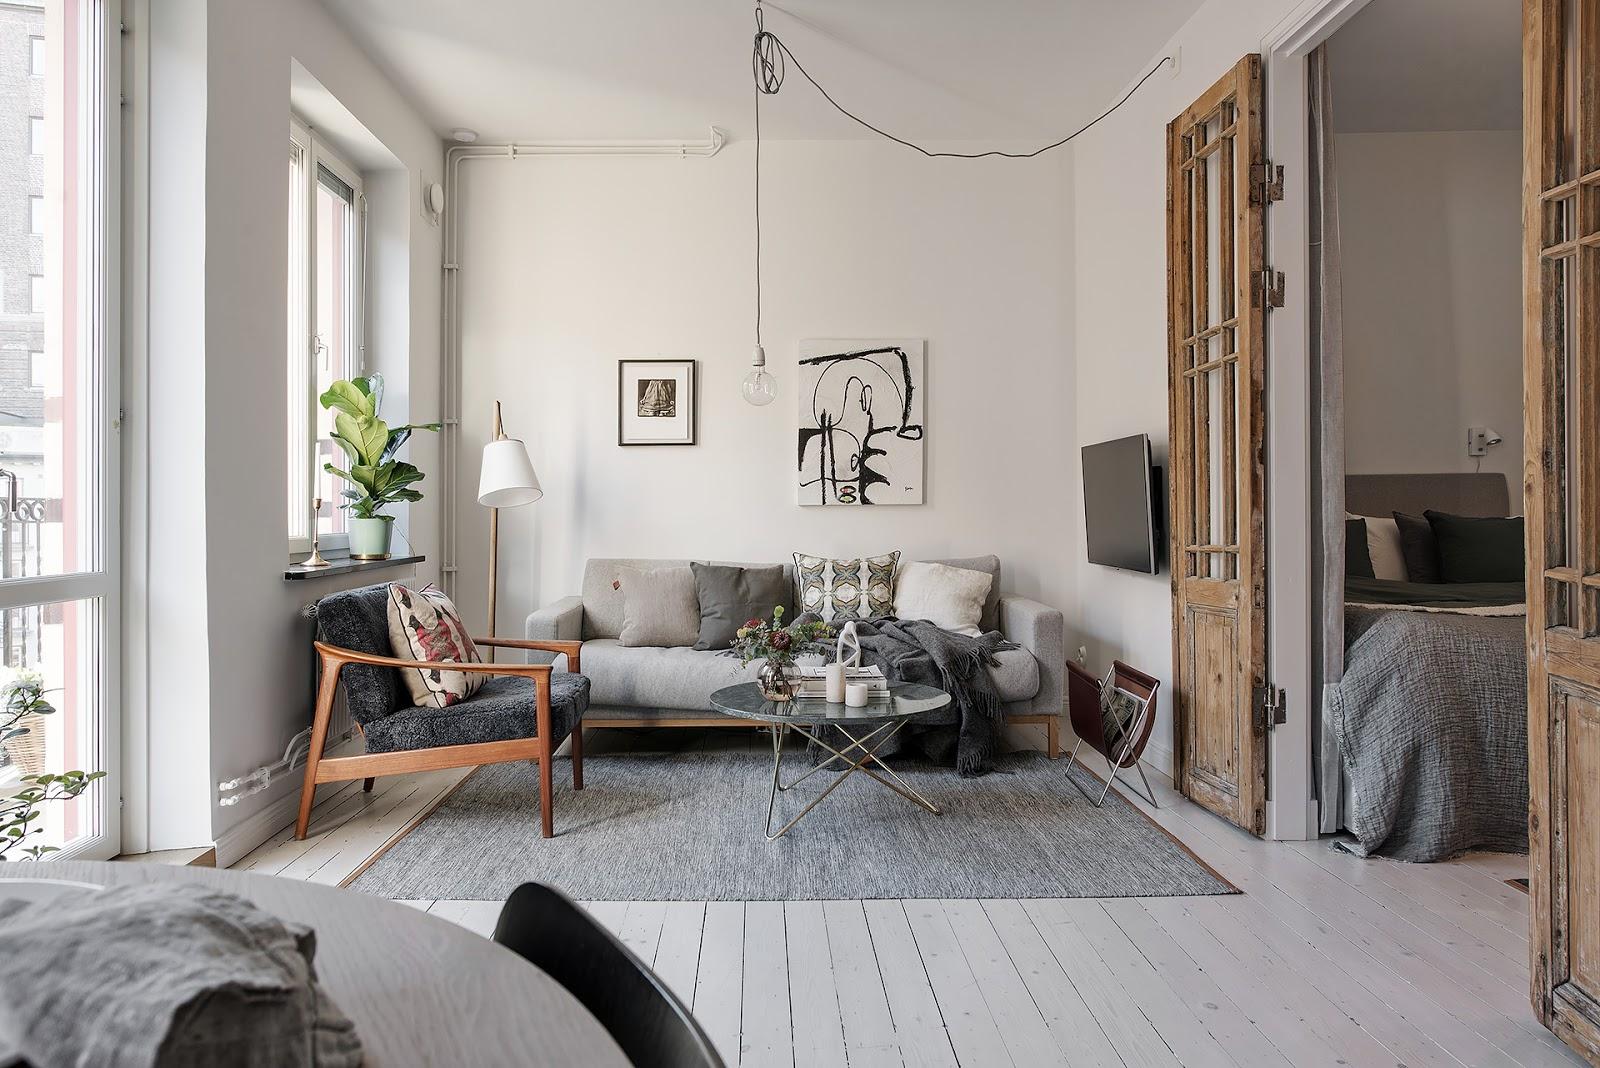 Uși din lemn nefinisat și plan deschis într-un apartament de numai 40 m²